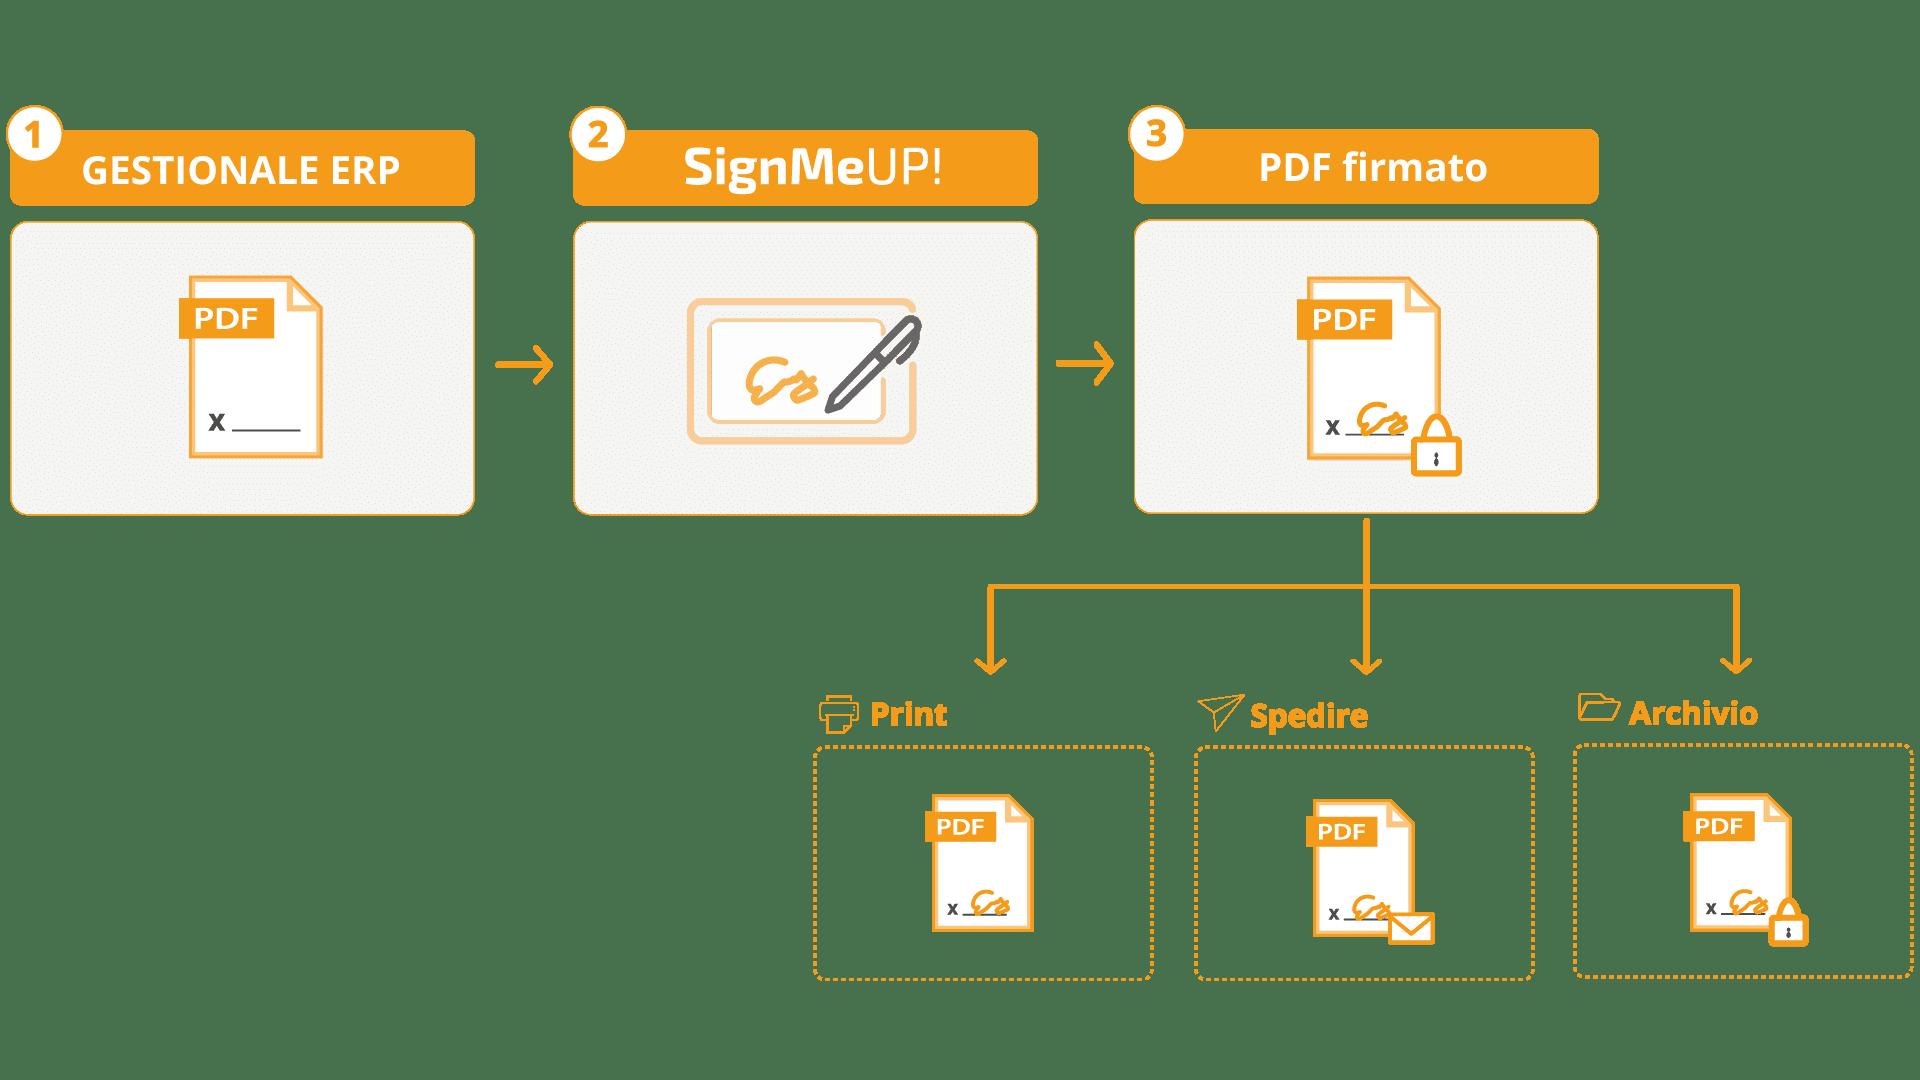 processo-firma-digitale-biometrica